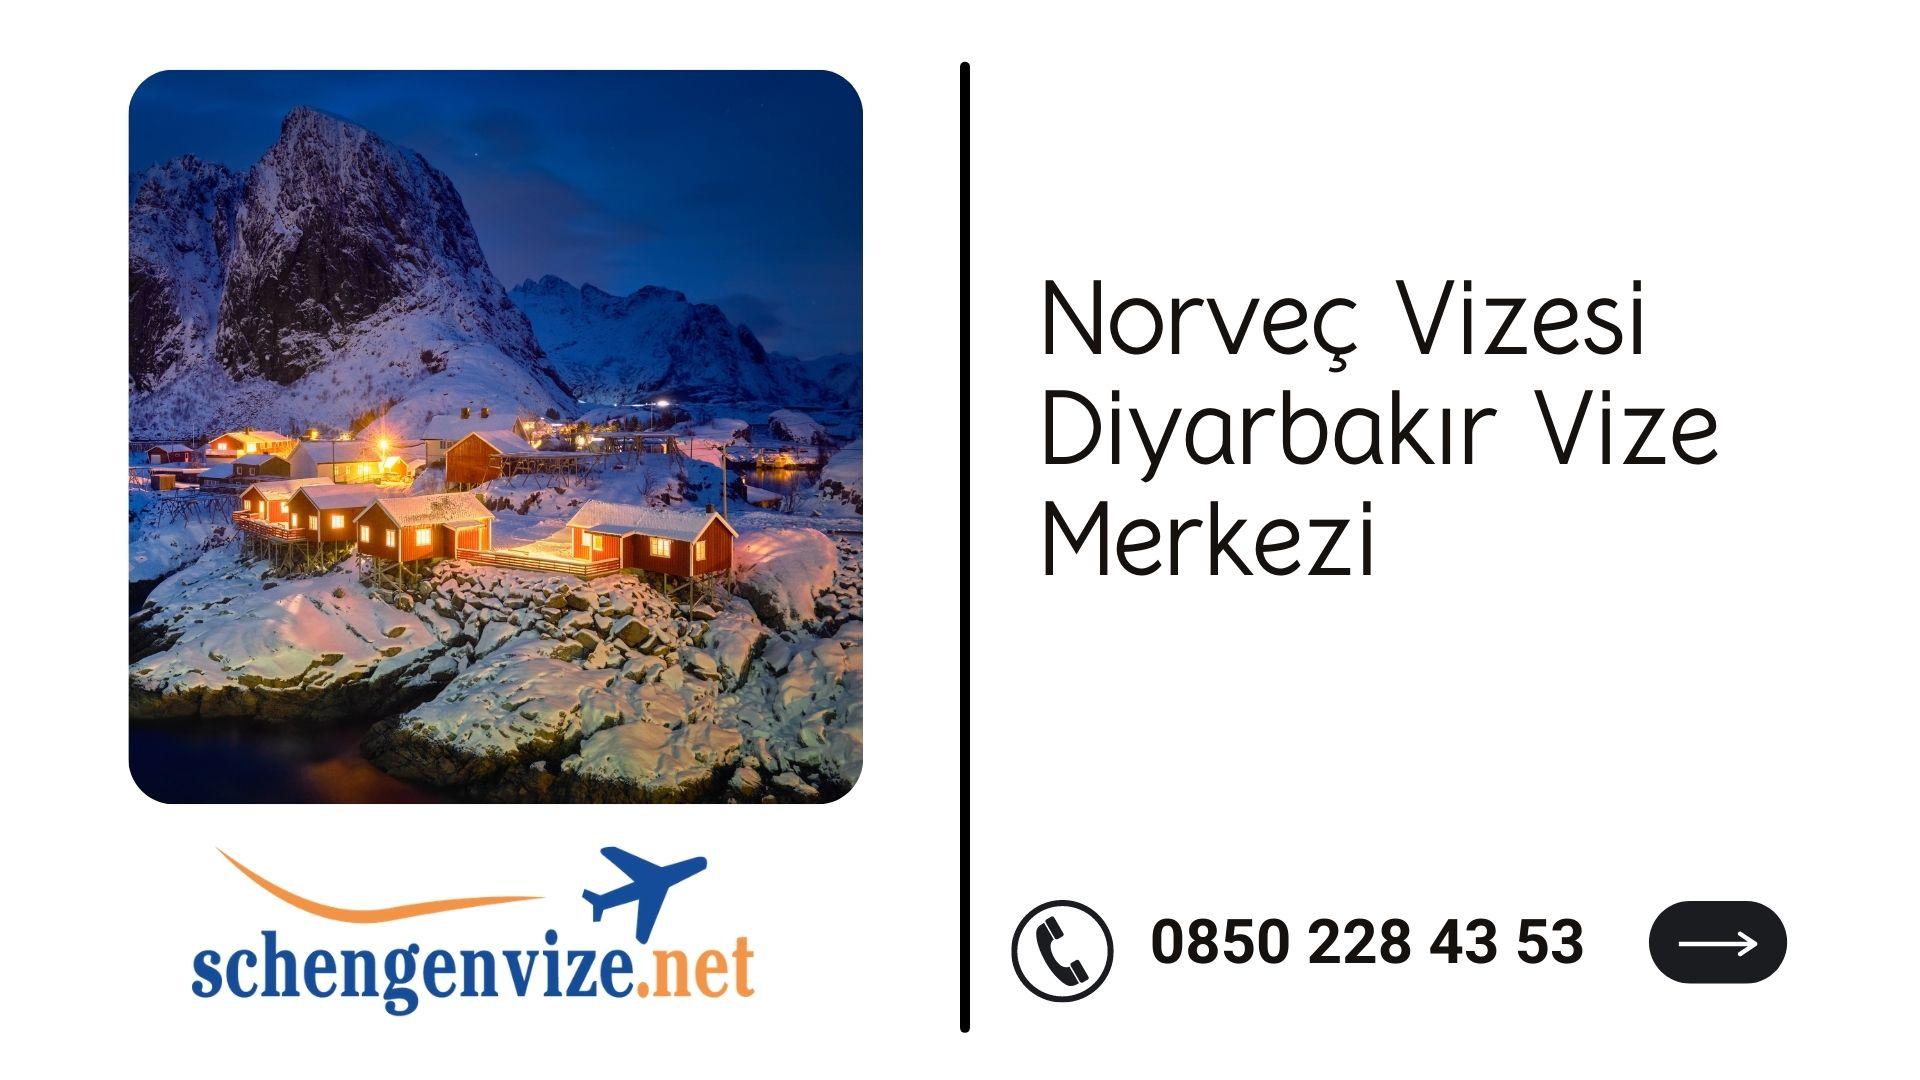 Norveç Vizesi Diyarbakır Vize Merkezi